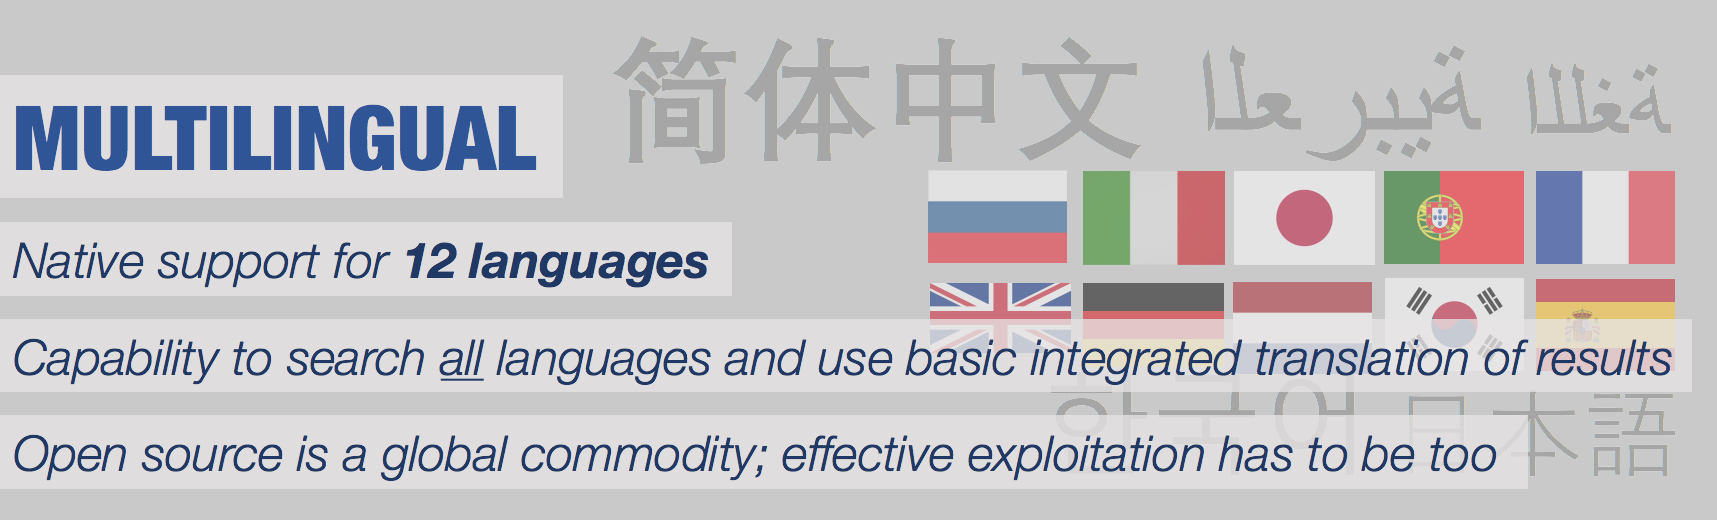 7Qi 01 multilingual